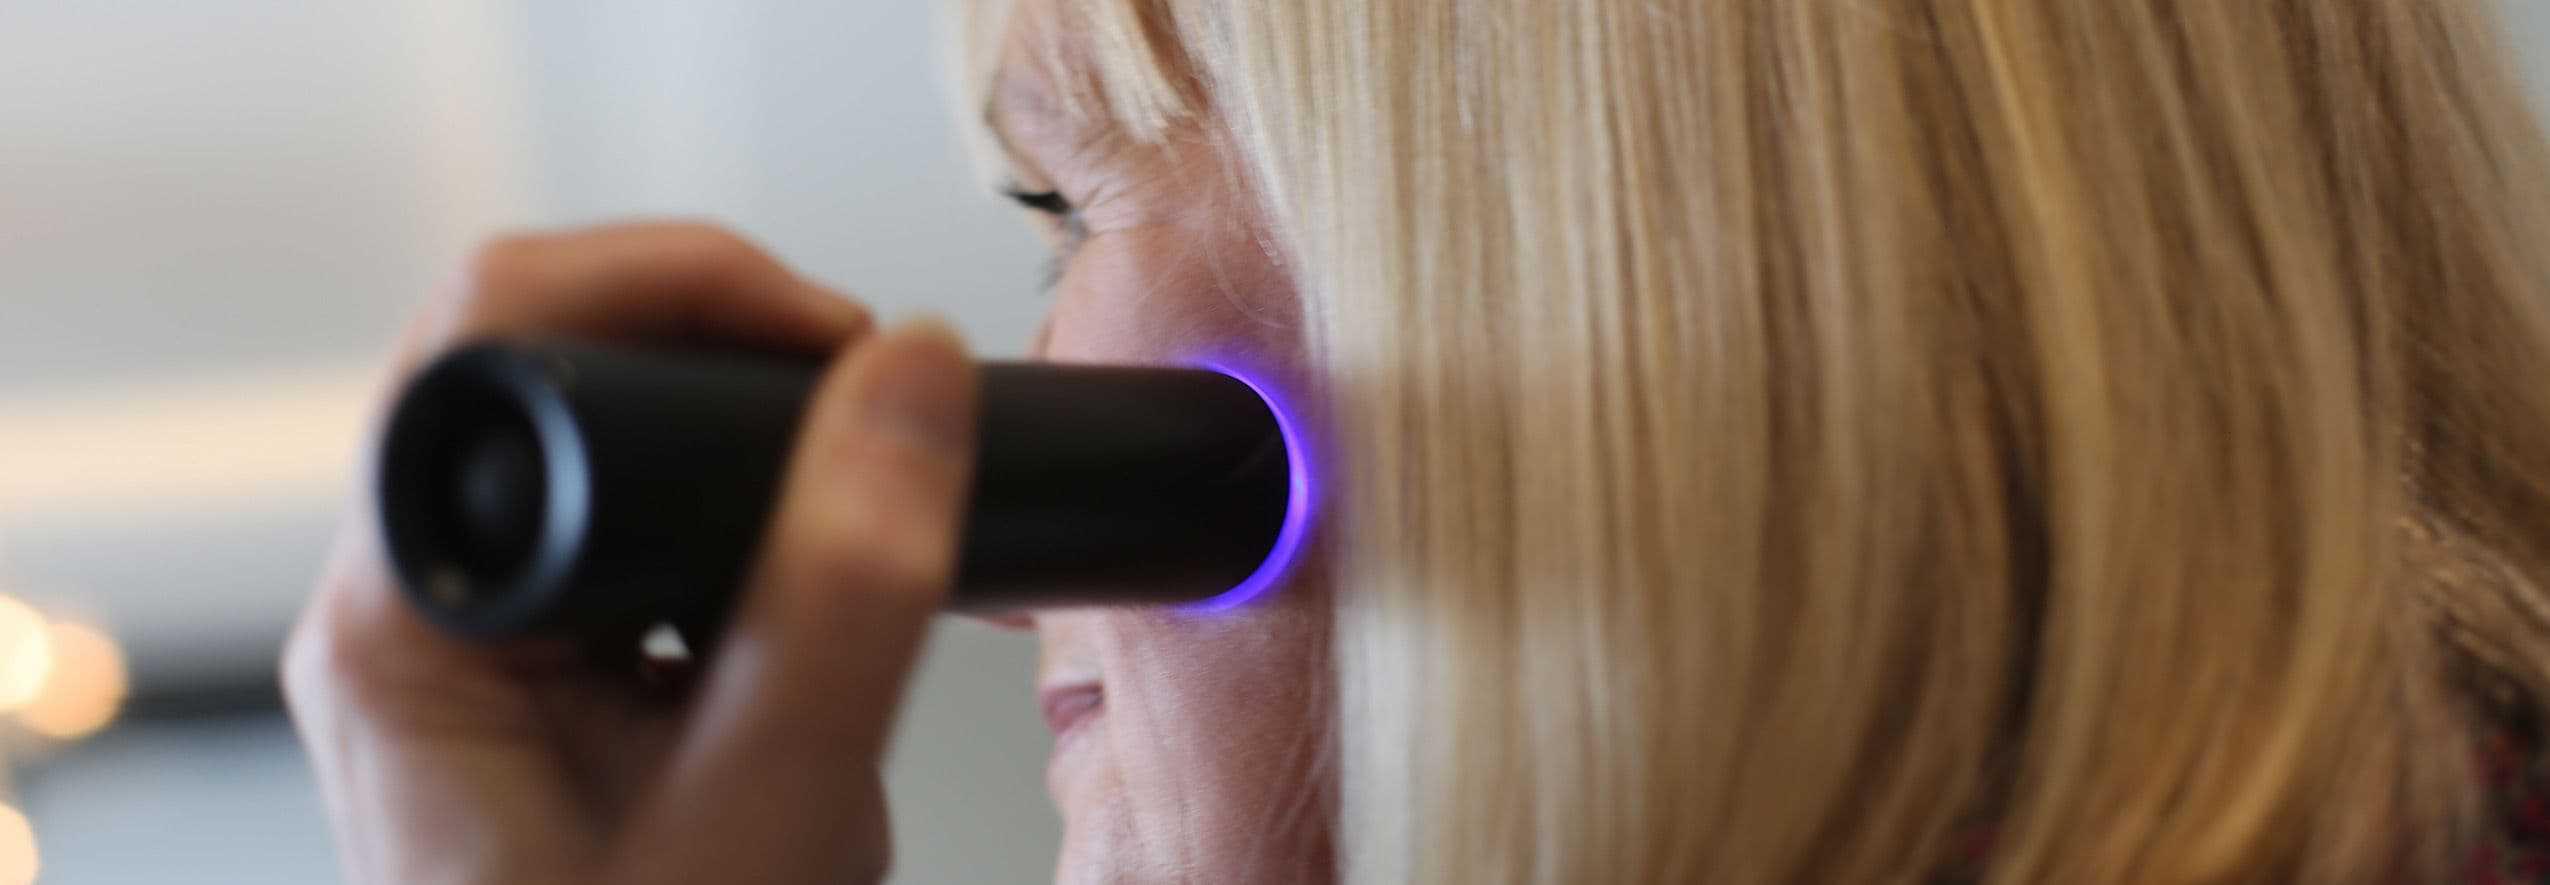 Emma uses laser on skin